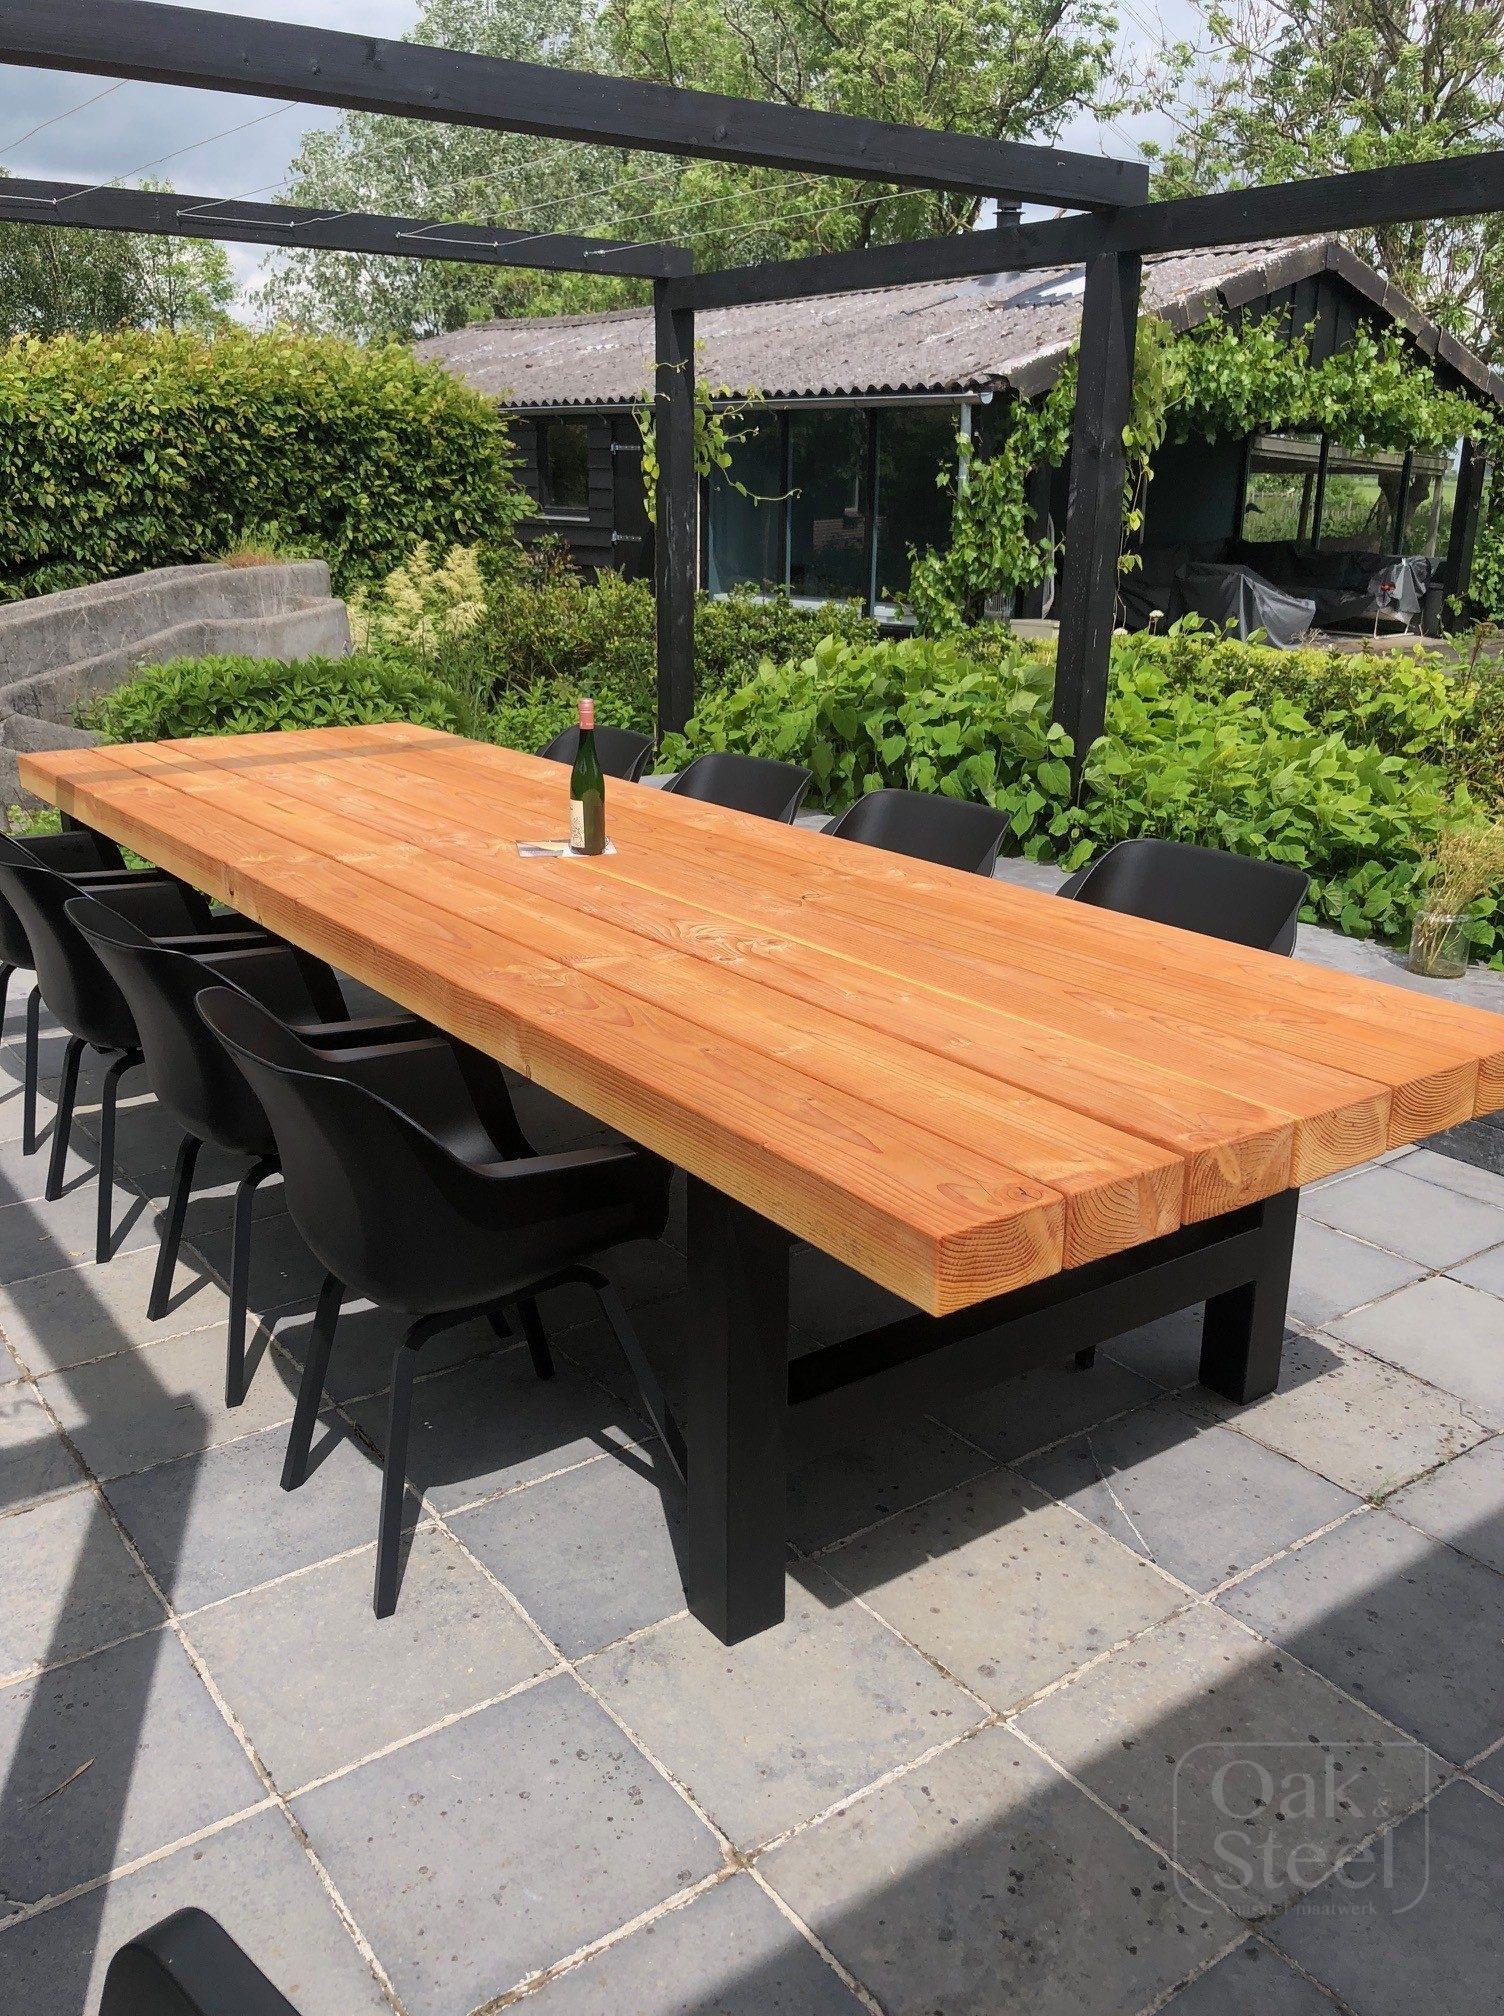 Picknicktafel zonder banken